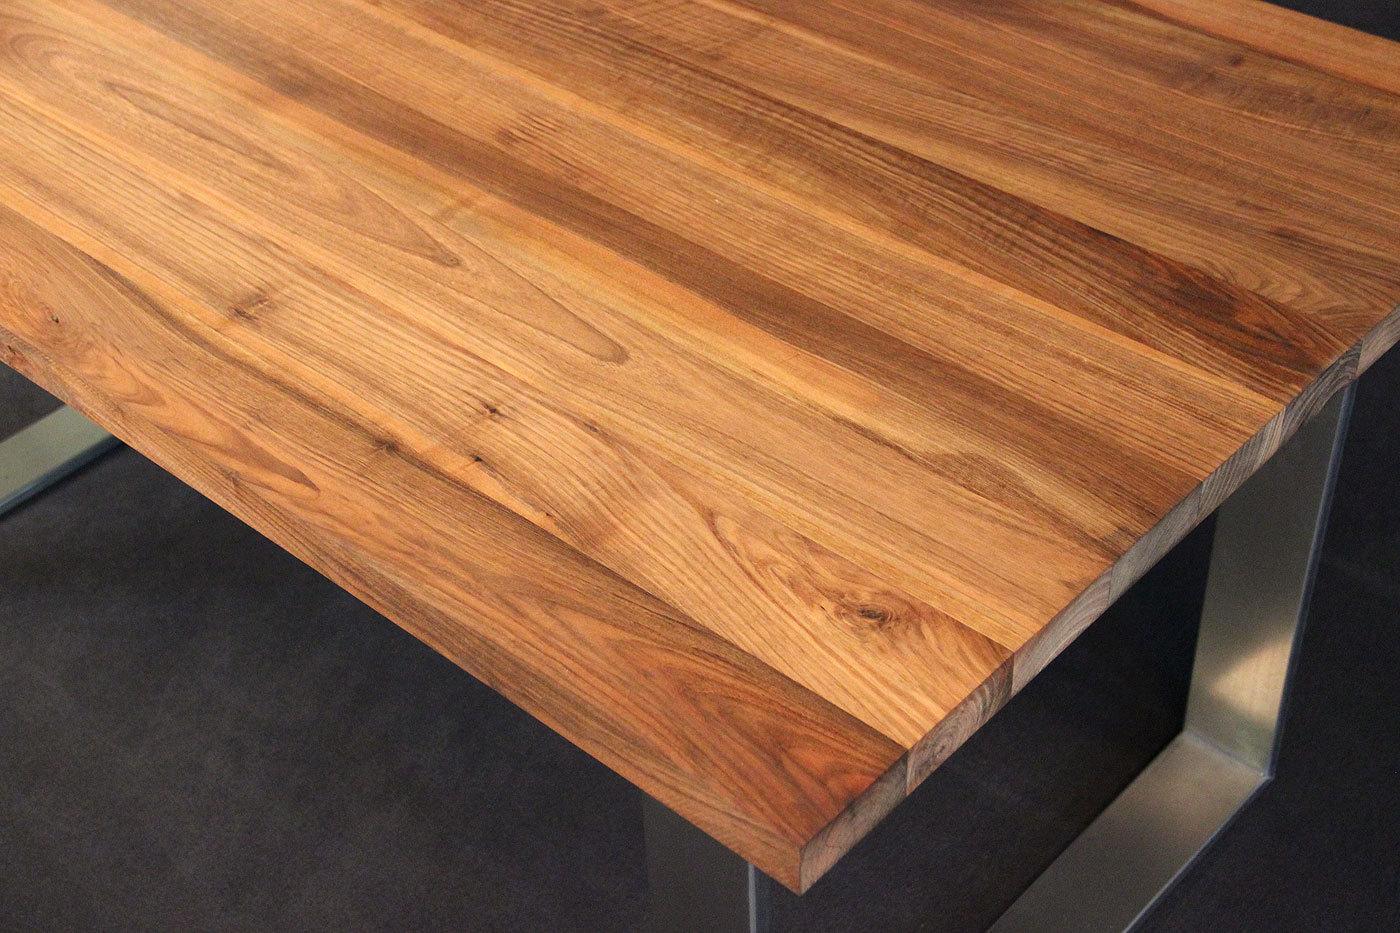 Tischplatte Massivholz Nussbaum ~ Tischplatte Massivholz Kaukasischer Nussbaum AB mit Splint DL 301800